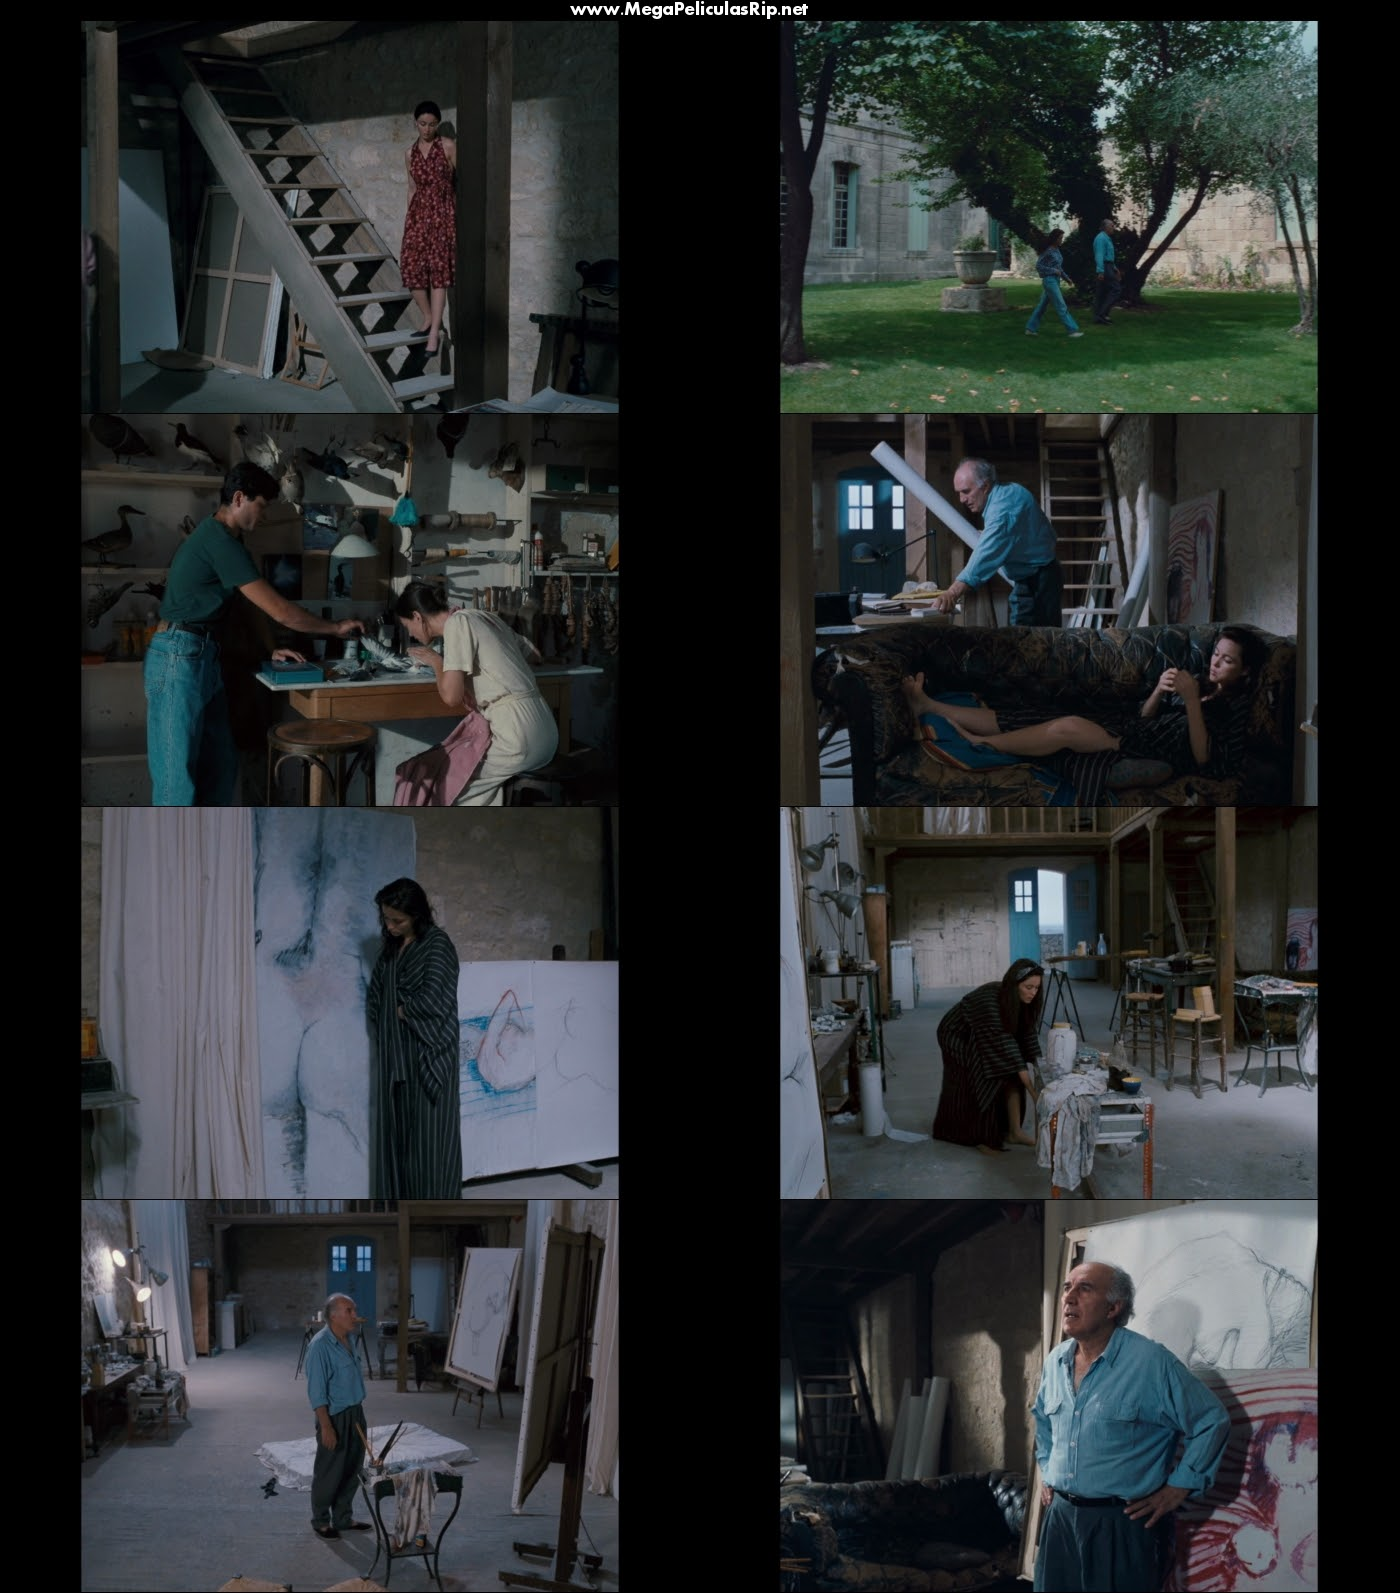 La Bella Mentirosa 1080p